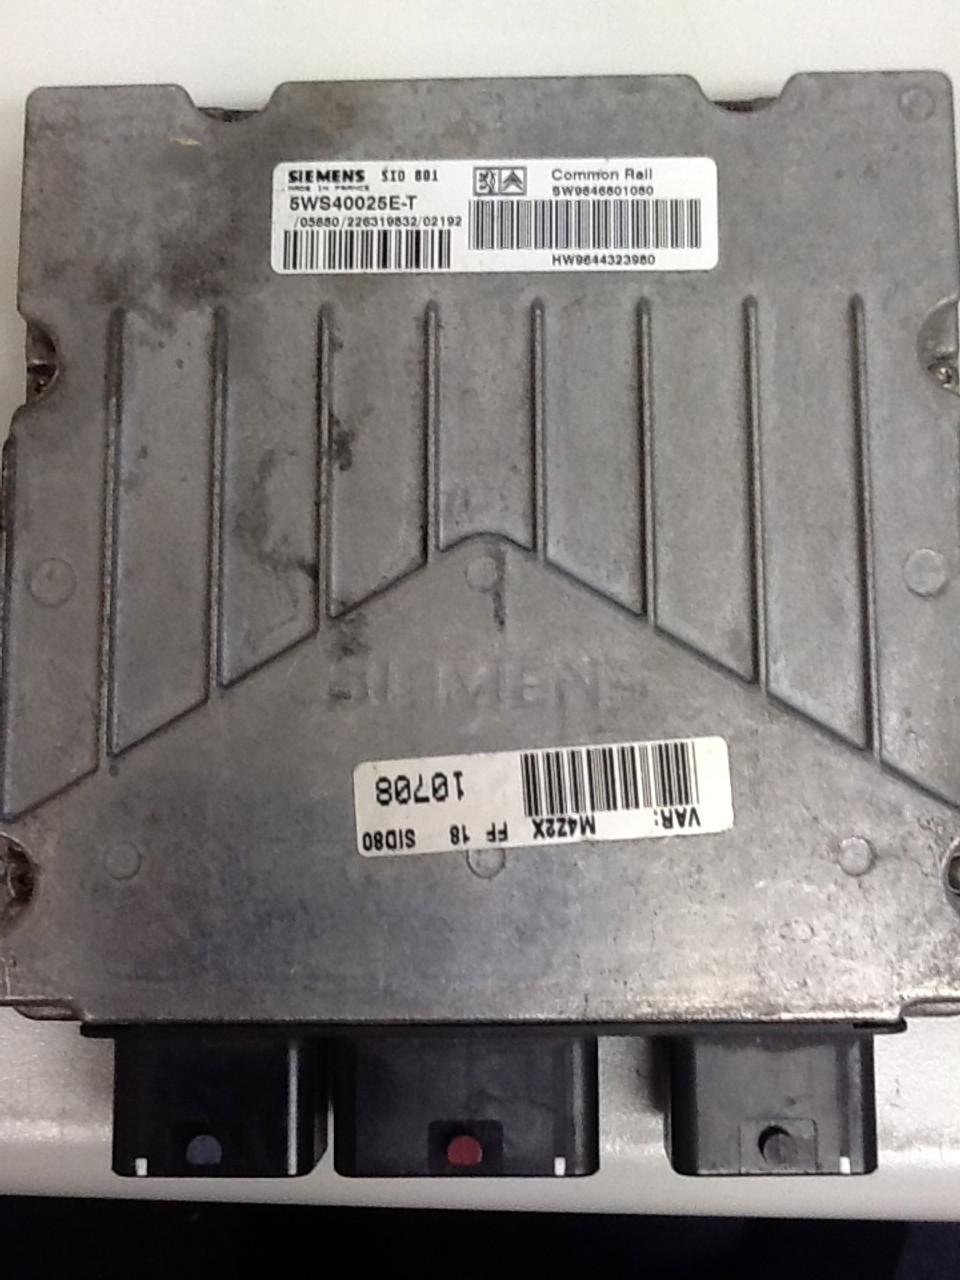 SIEMENS  SID  801 5WS40025E-T  SW9646801080  HW9644323980